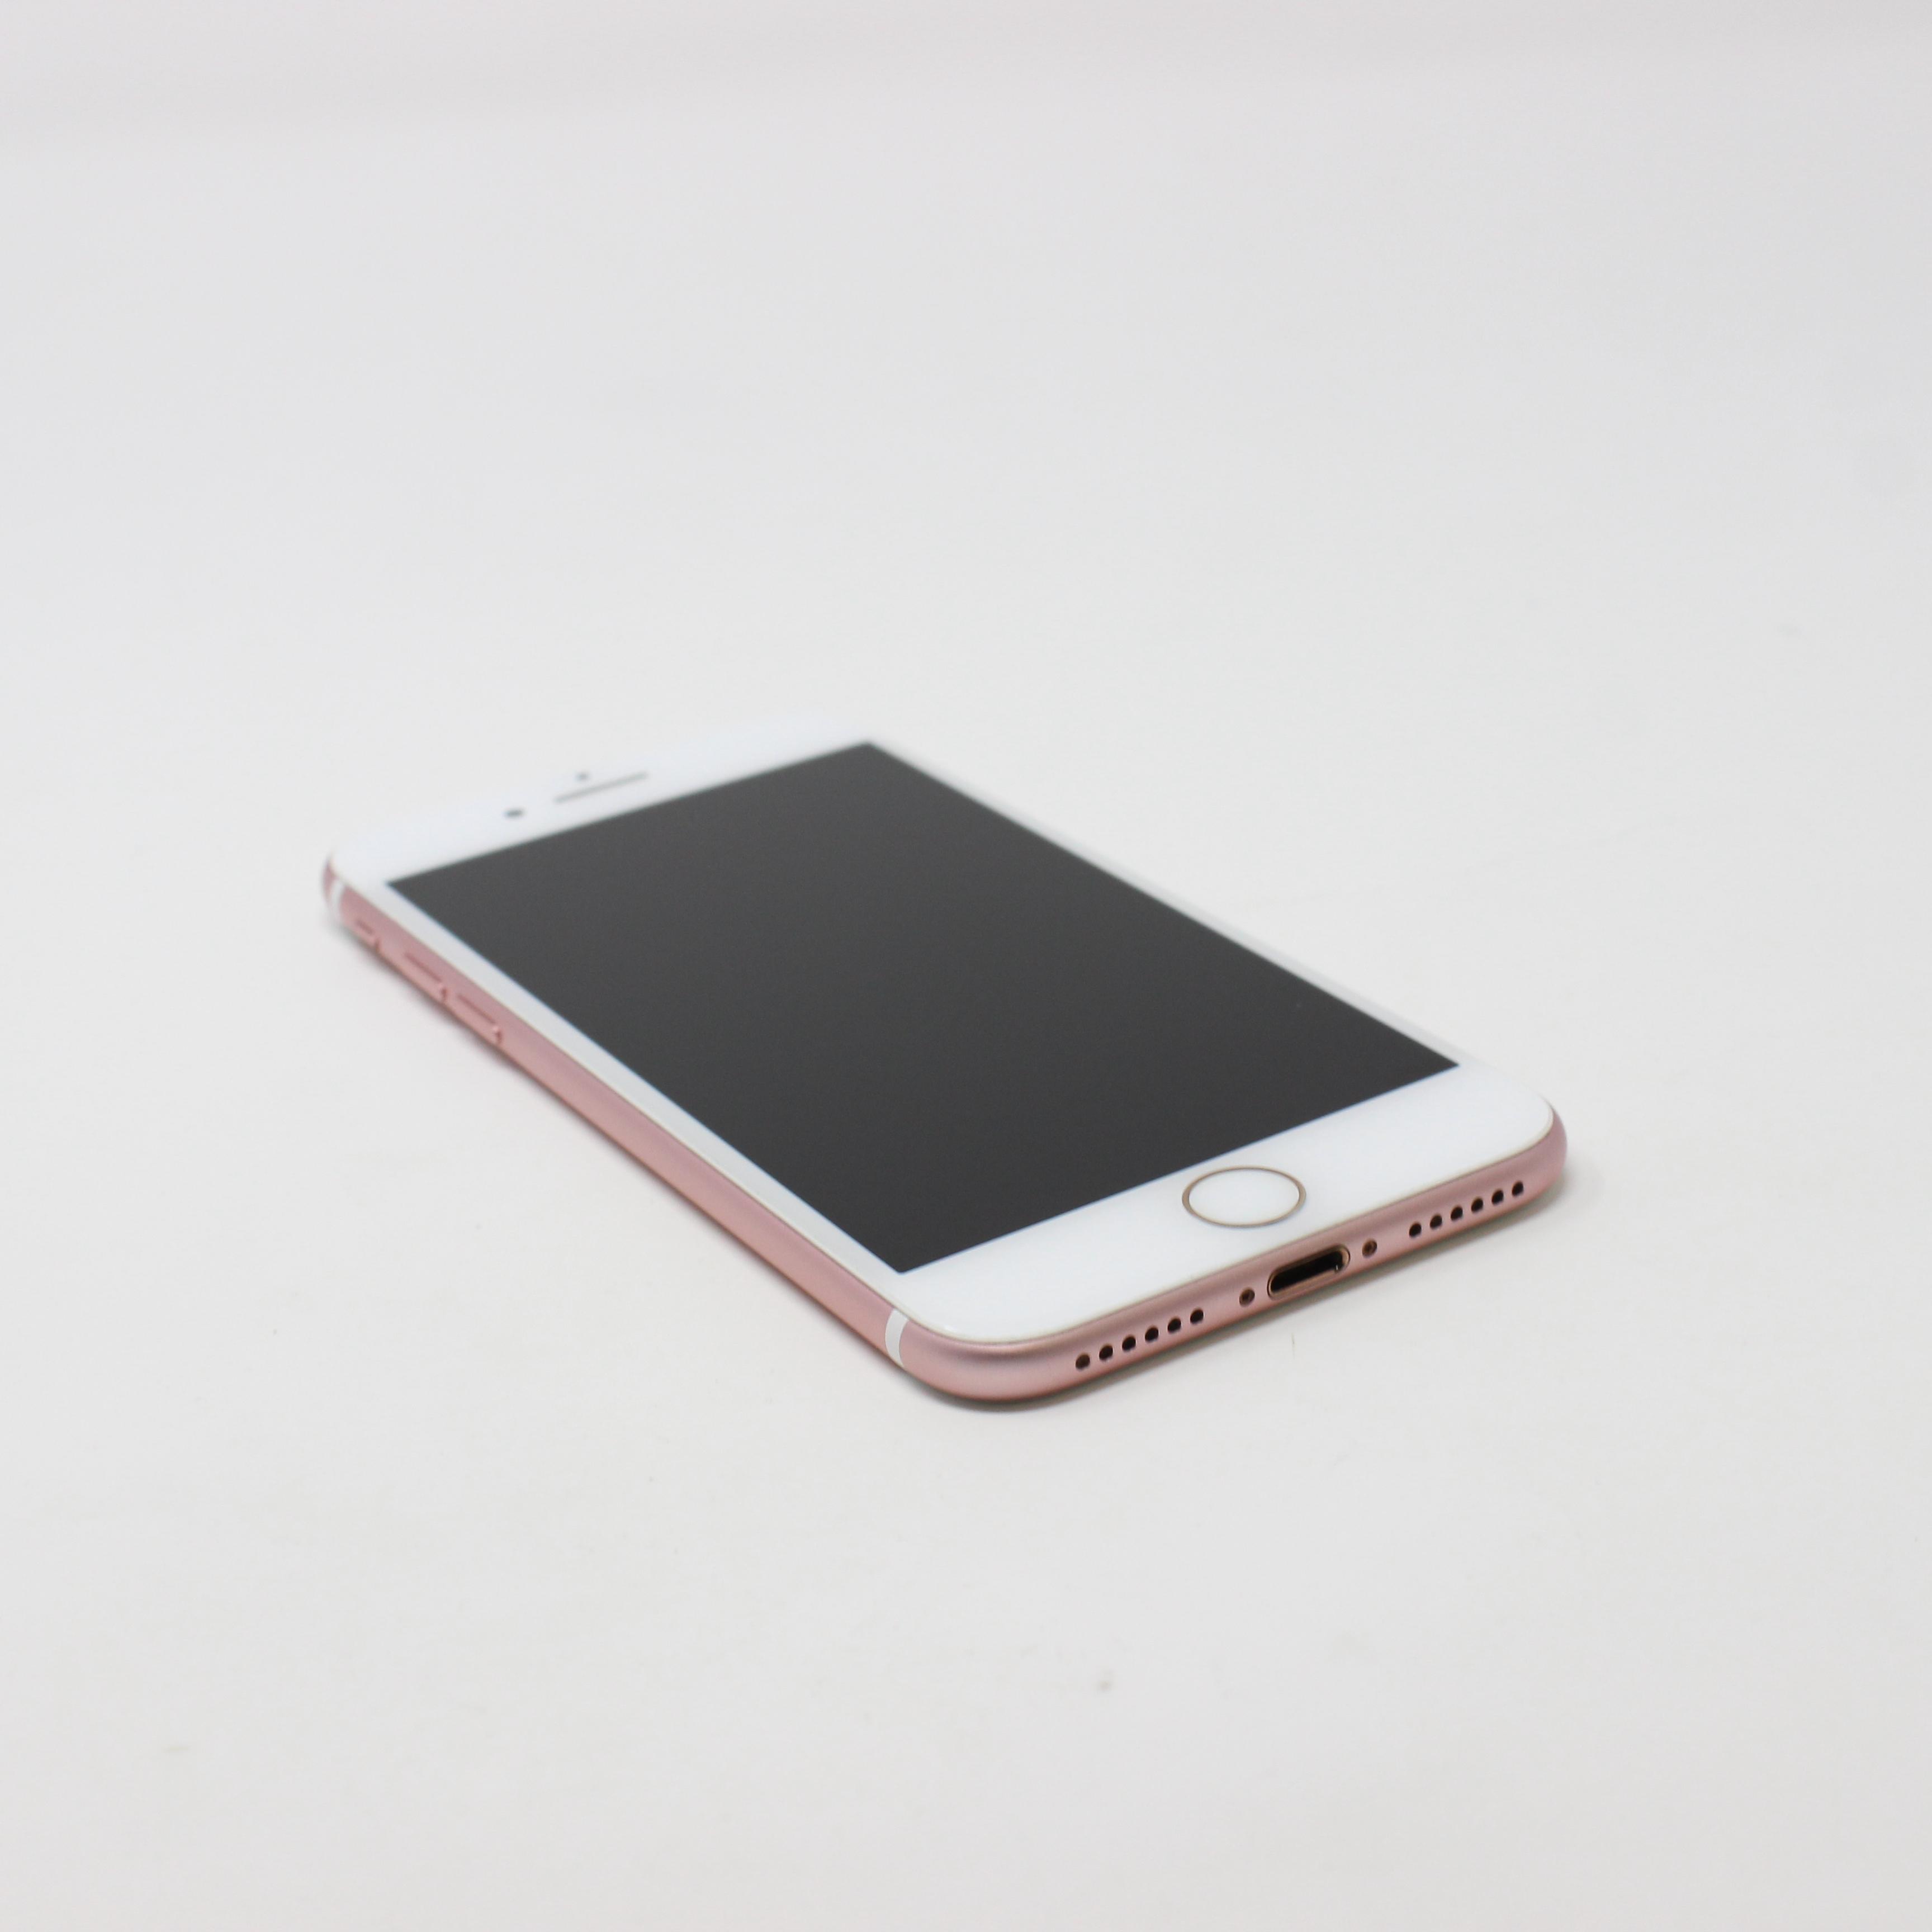 iPhone 7 32GB Rose Gold - Verizon photo 5 | UpTradeit.com